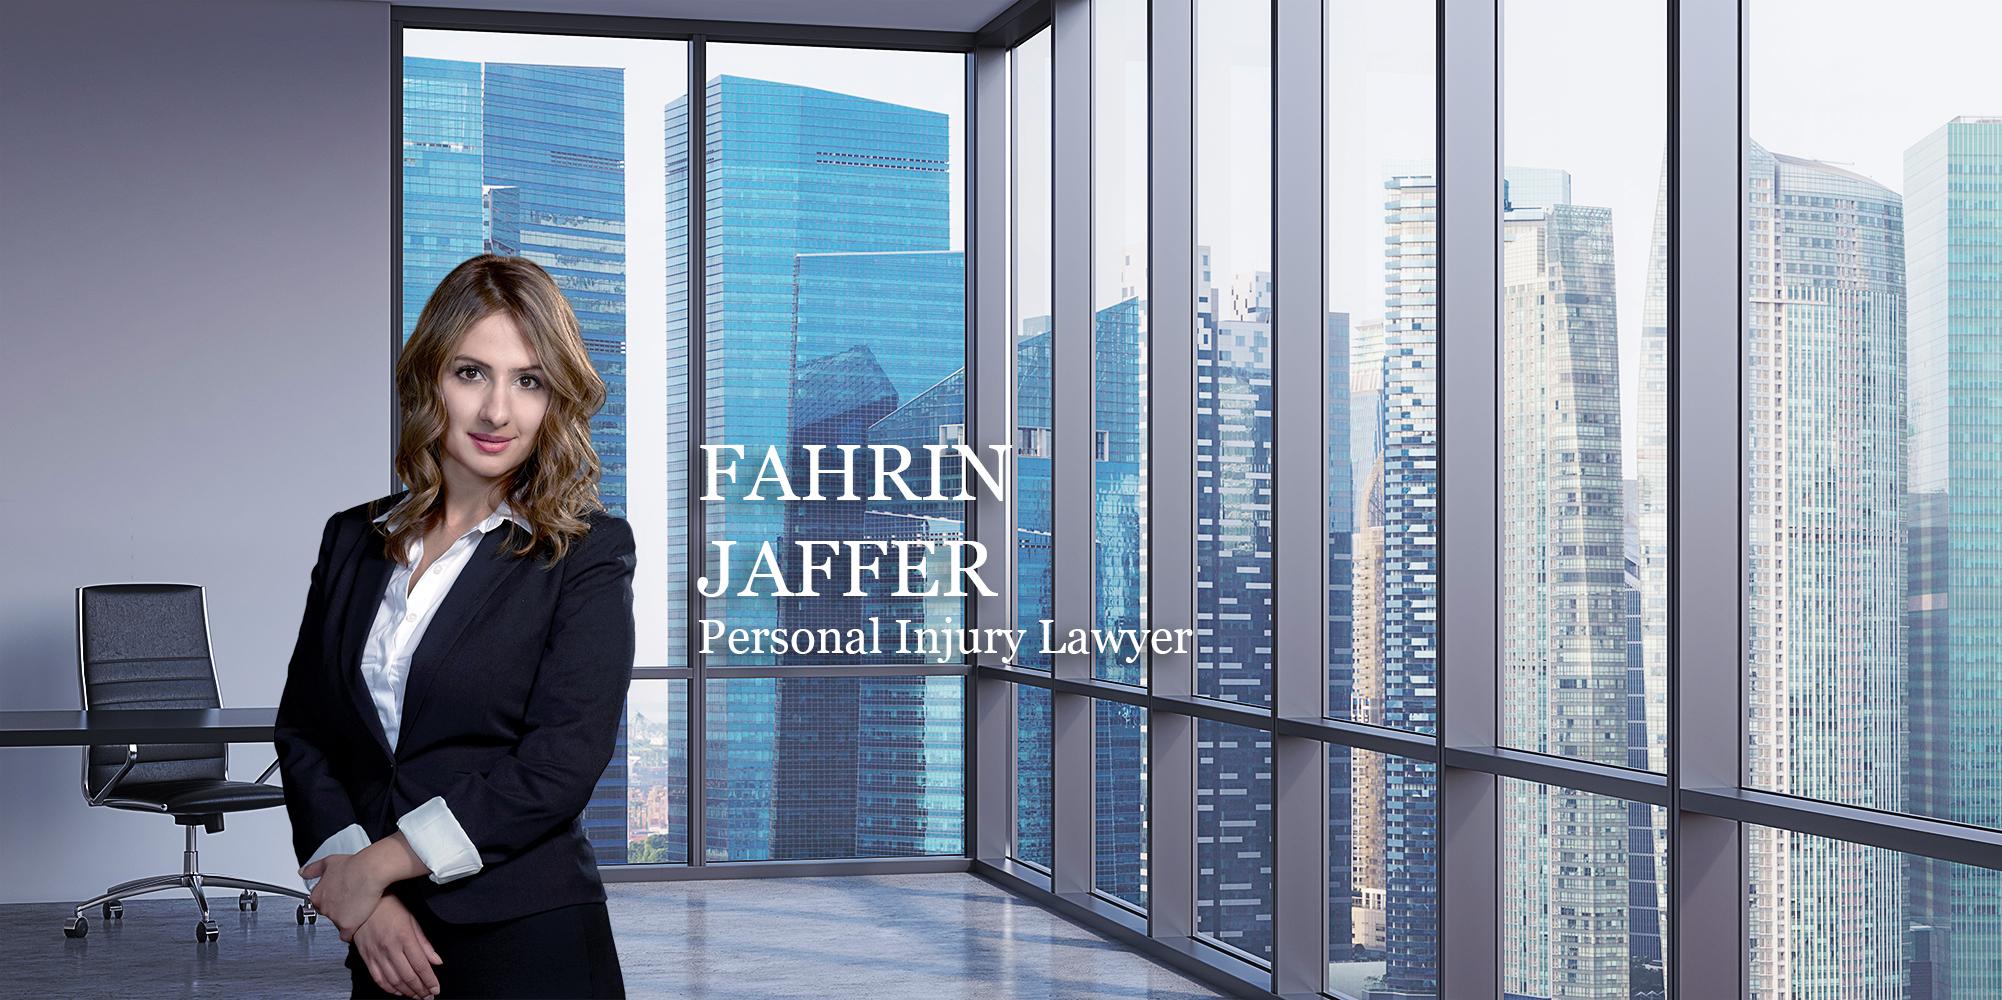 Fahrin-1